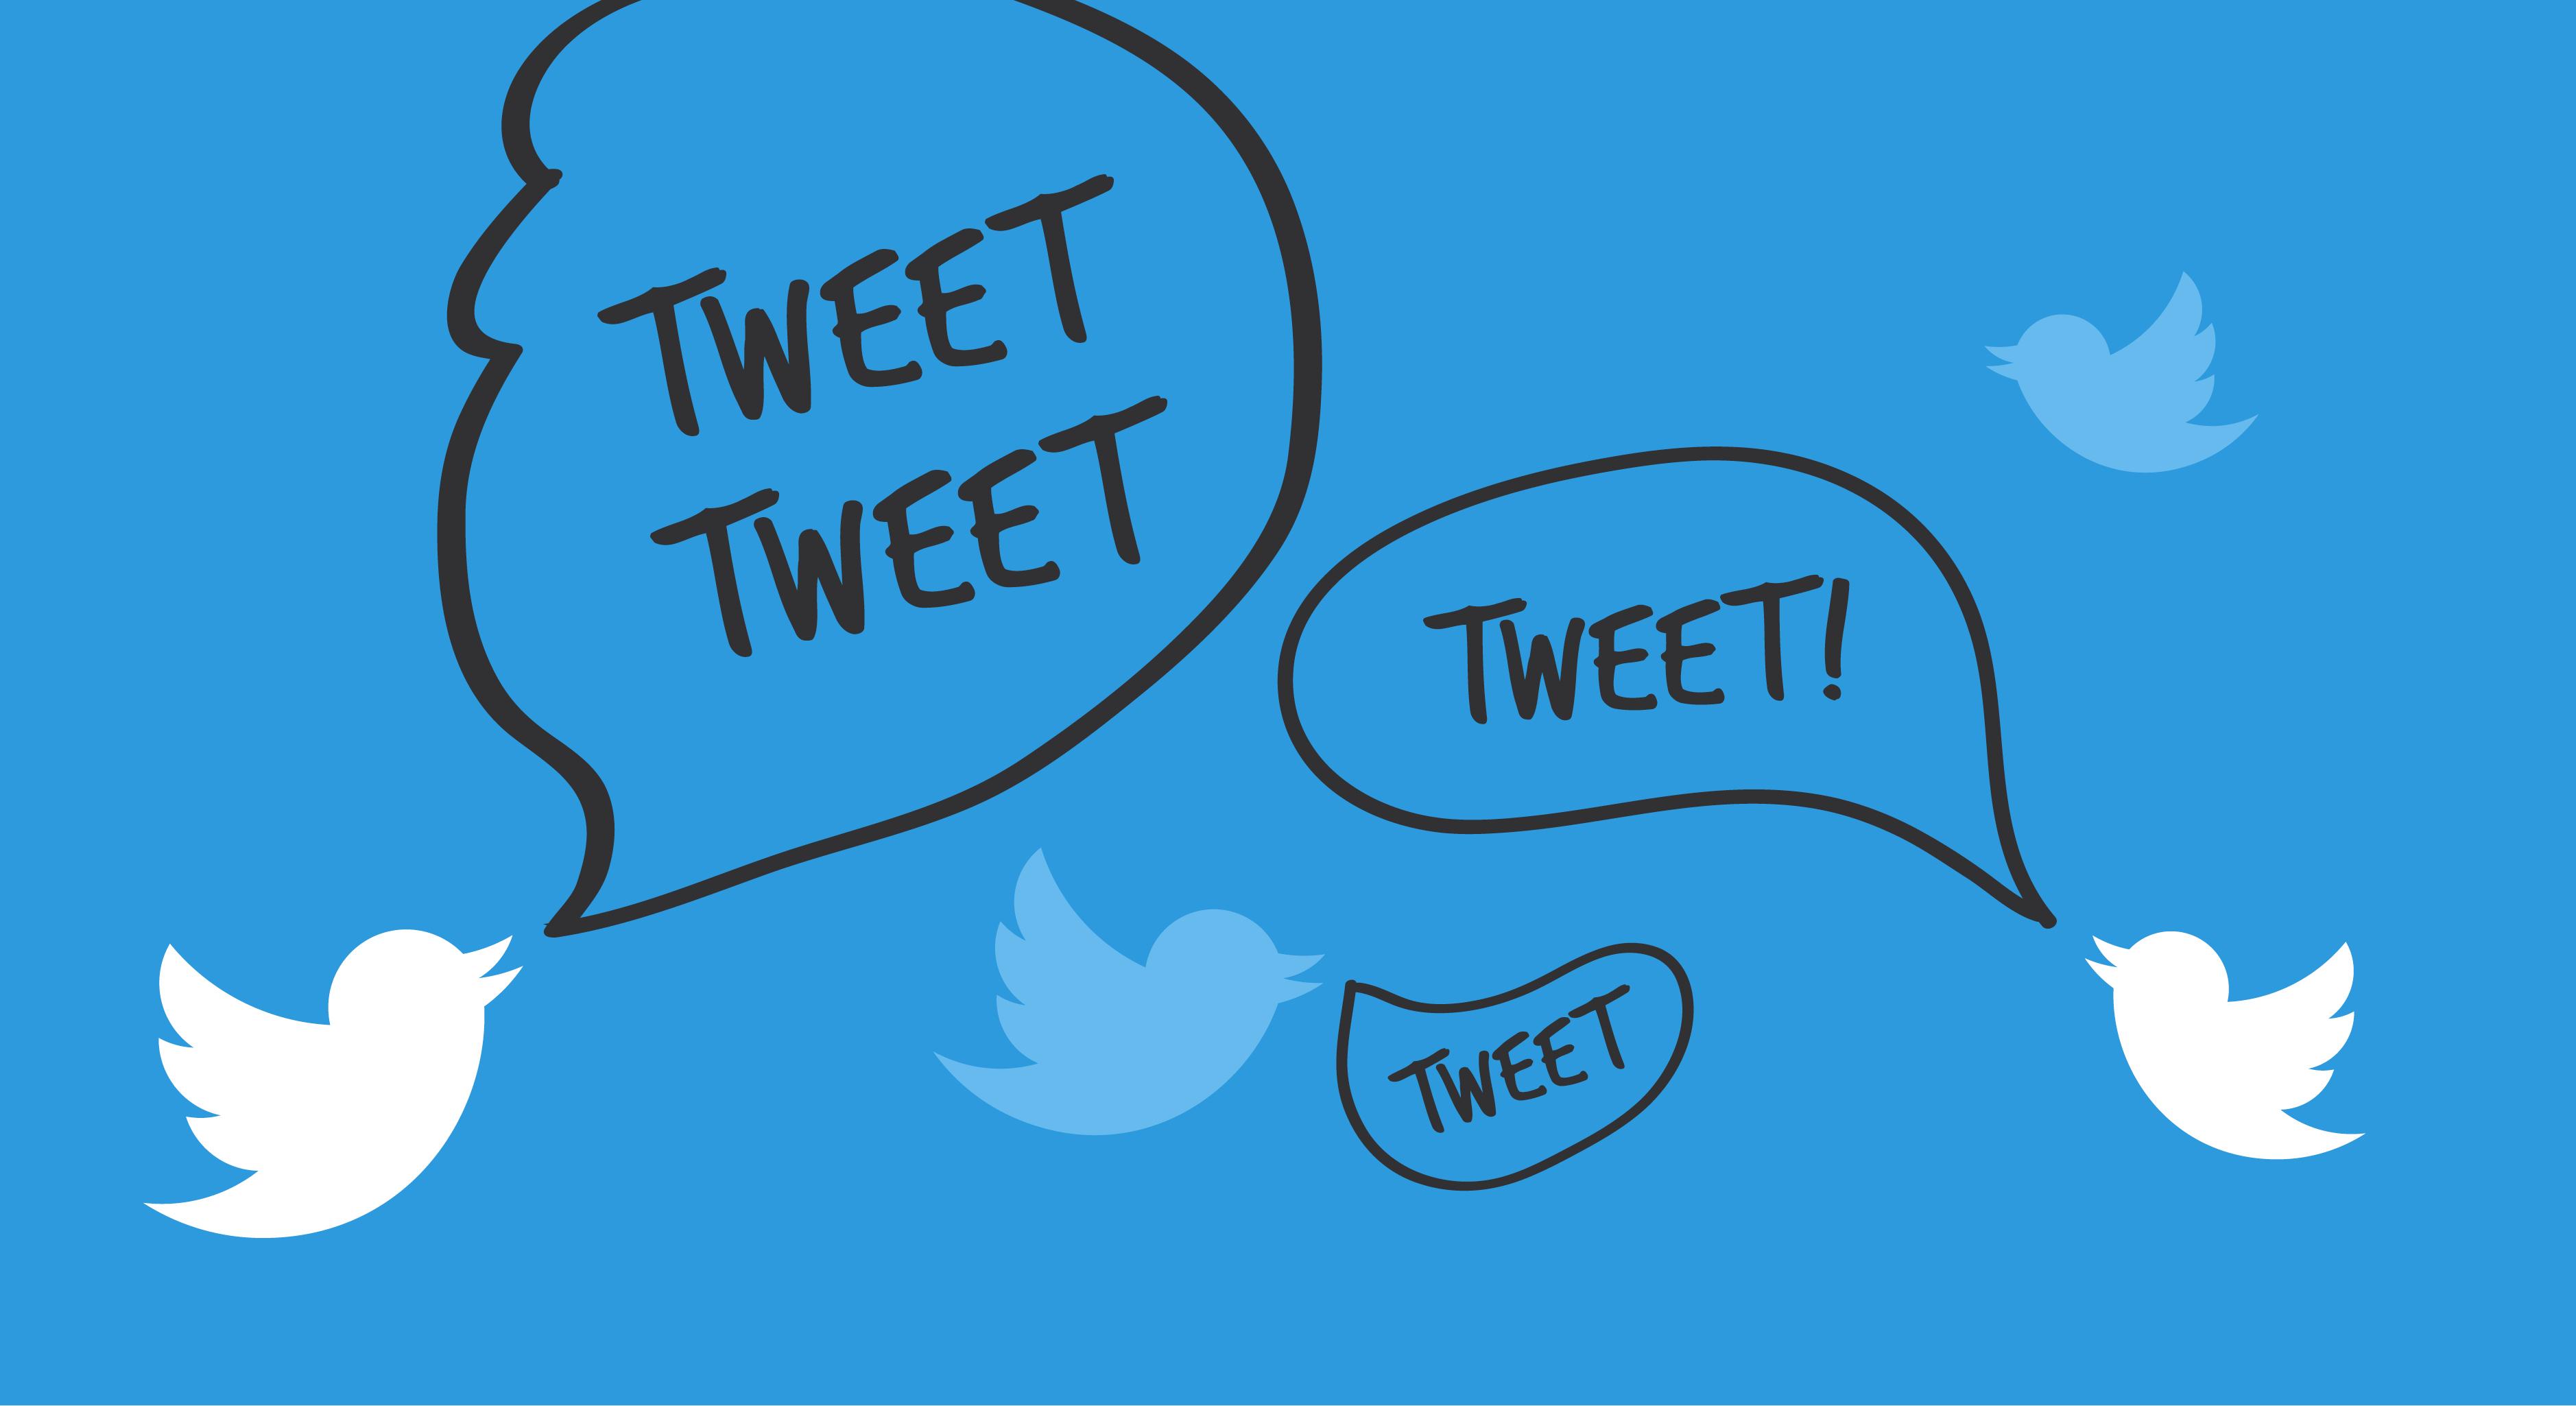 Twitter , tweet kaydetme özelliği için çalışıyor!